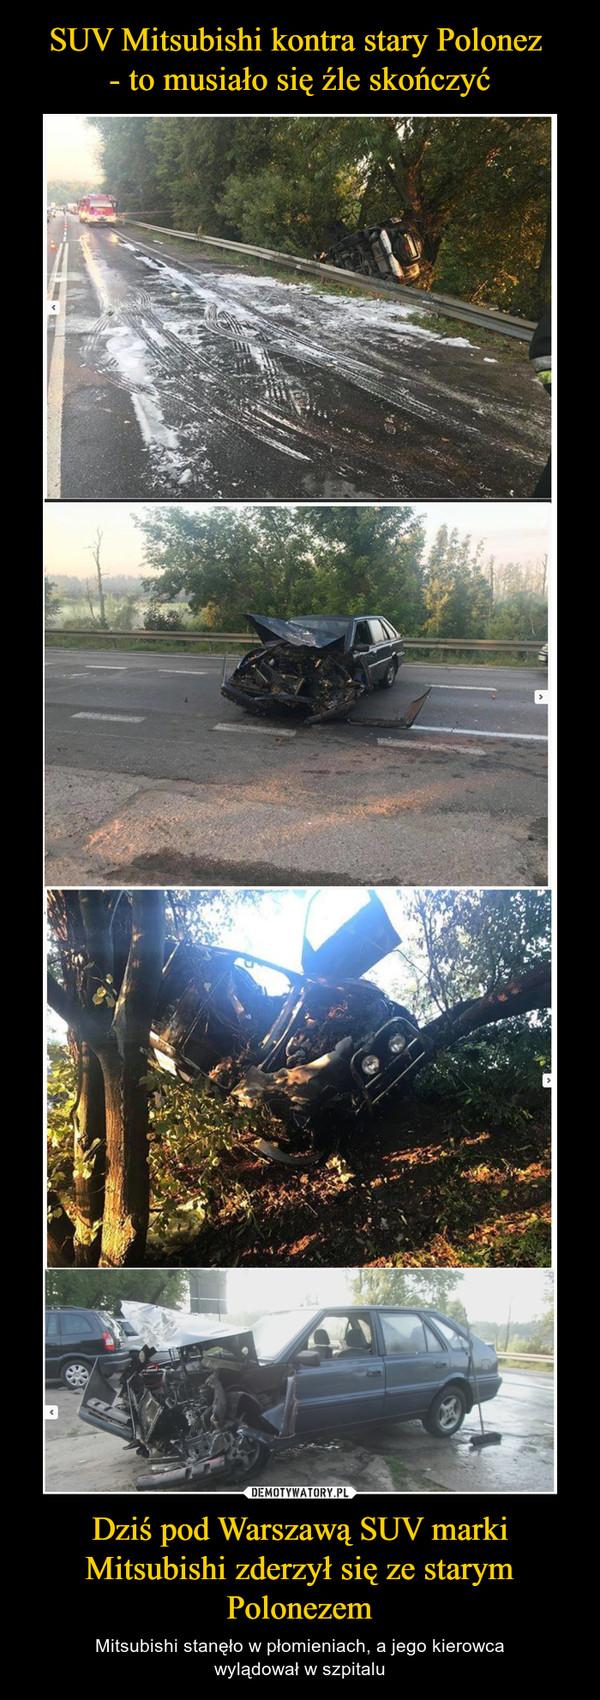 Dziś pod Warszawą SUV marki Mitsubishi zderzył się ze starym Polonezem – Mitsubishi stanęło w płomieniach, a jego kierowcawylądował w szpitalu